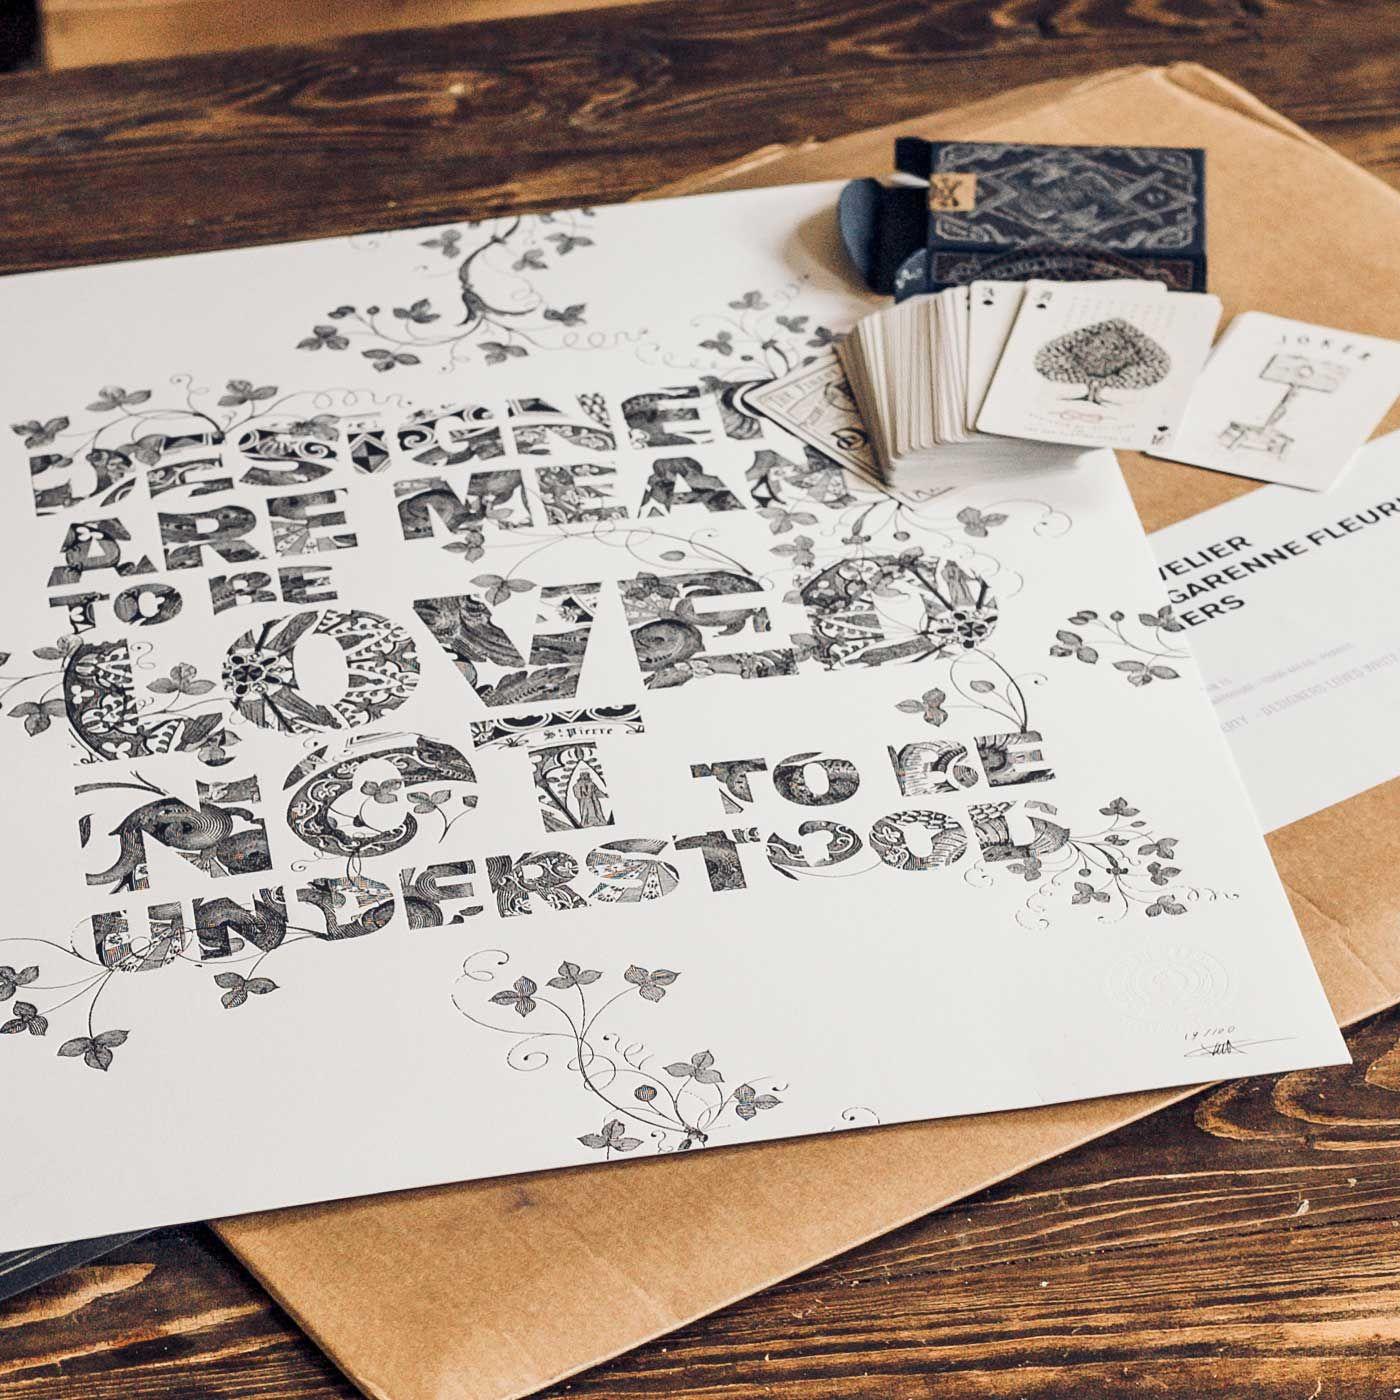 J'ai reçutout à l'heurema commanded'affiches letterpress de Mr Cup etd'un joli jeu de carte de pirates, illustré par Jeff Trish. Letout esttellement beau que mon cœur est comblé !Et que dire des affiches et bien sans surprise, c'est comme d'habitude trèsqualitatif, le design génialetles détails d'impression sont parfaits sur cepapier coton (350g).J'aime beaucoup le message